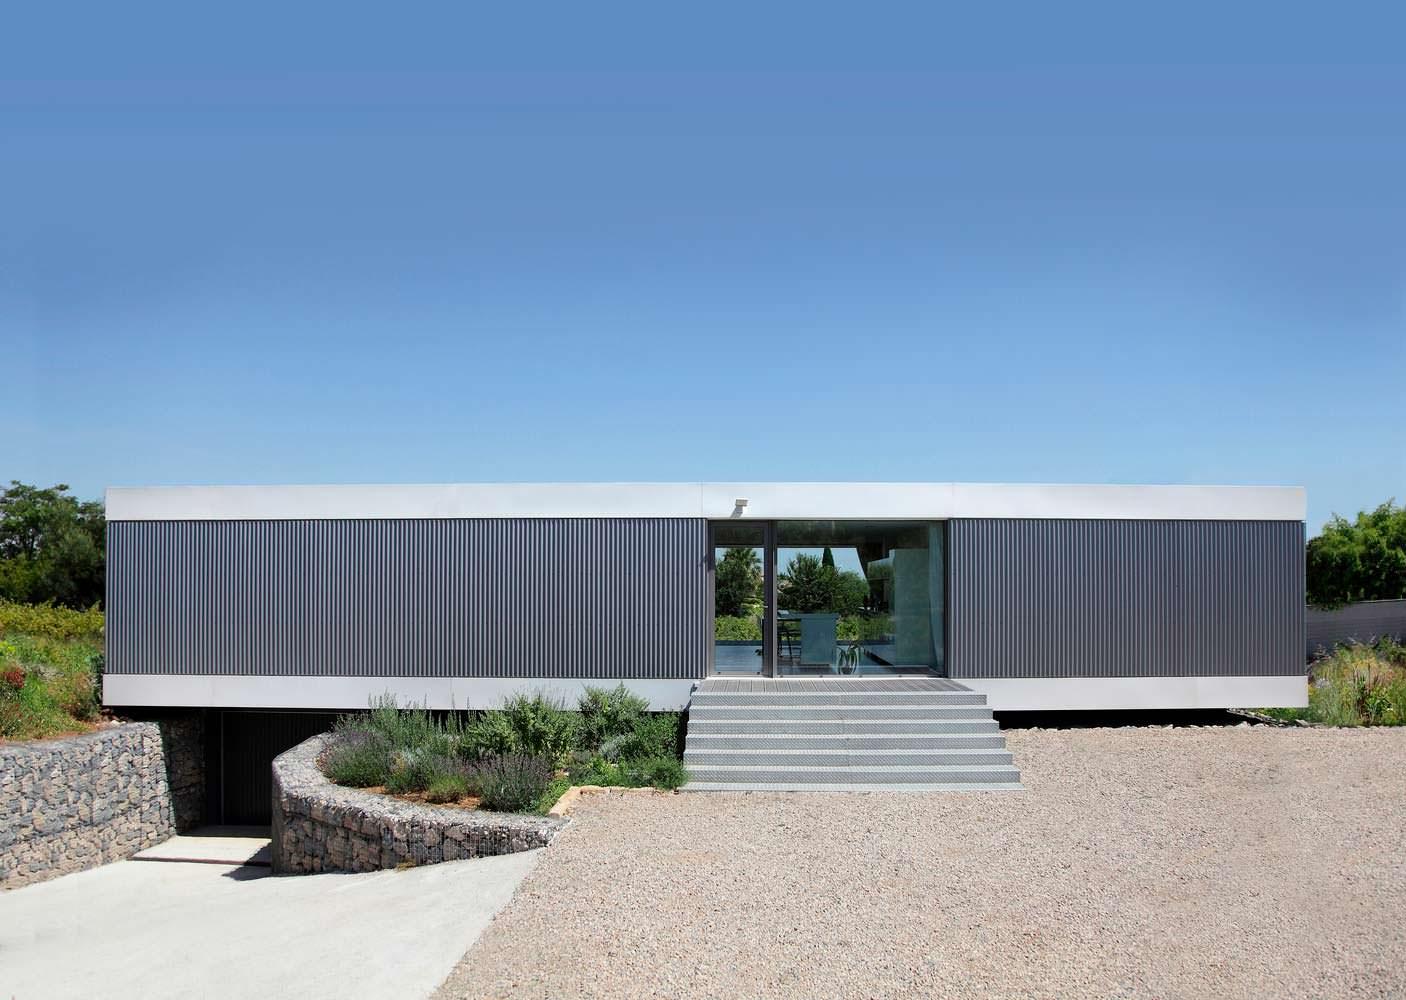 Загородный дом на юге Франции. Архитектор Стефана Николаса